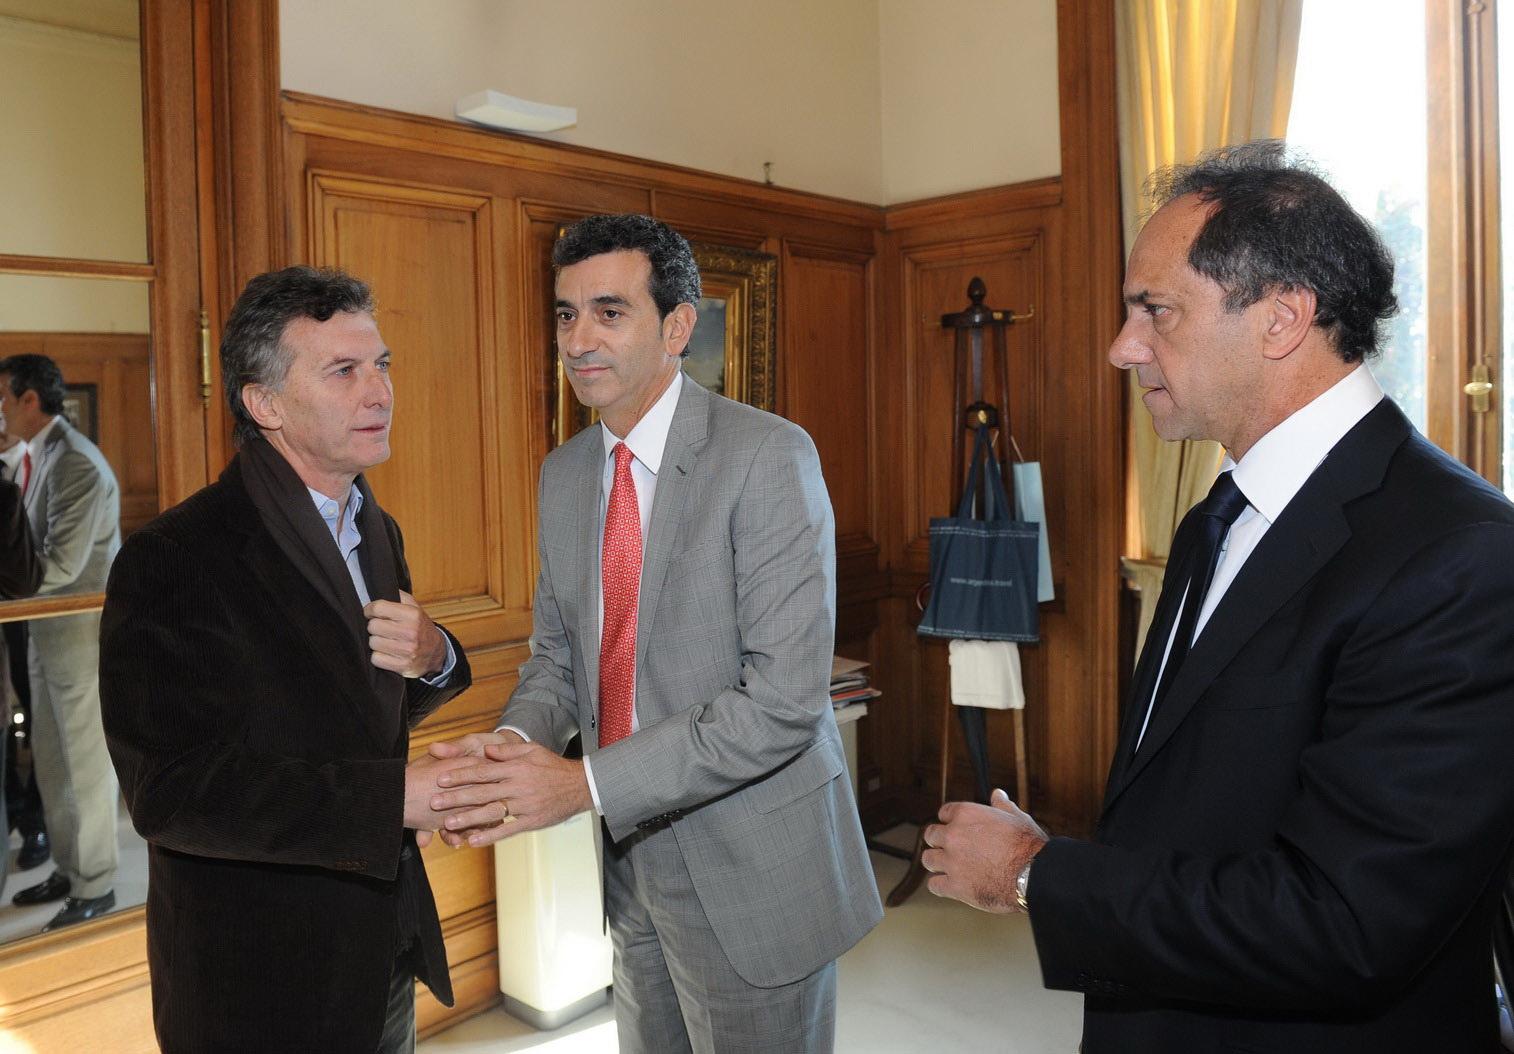 EL MINISTRO DEL INTERIOR, FLORENCIO RANDAZZO, SE REUNIO CON EL GOBERNADOR DE BUENOS AIRES, DANIEL SCIOLI, Y AL JEFE DE GOBIERNO PORTEÑO, MAURICIO MACRI, PARA COMENZAR A DELINEAR LA CONFORMACIÓN DEL NUEVO ENTE TRIPARTITO QUE SE ENCARGARÁ DEL TRANSPORTE EN EL ÁREA METROPOLITANA